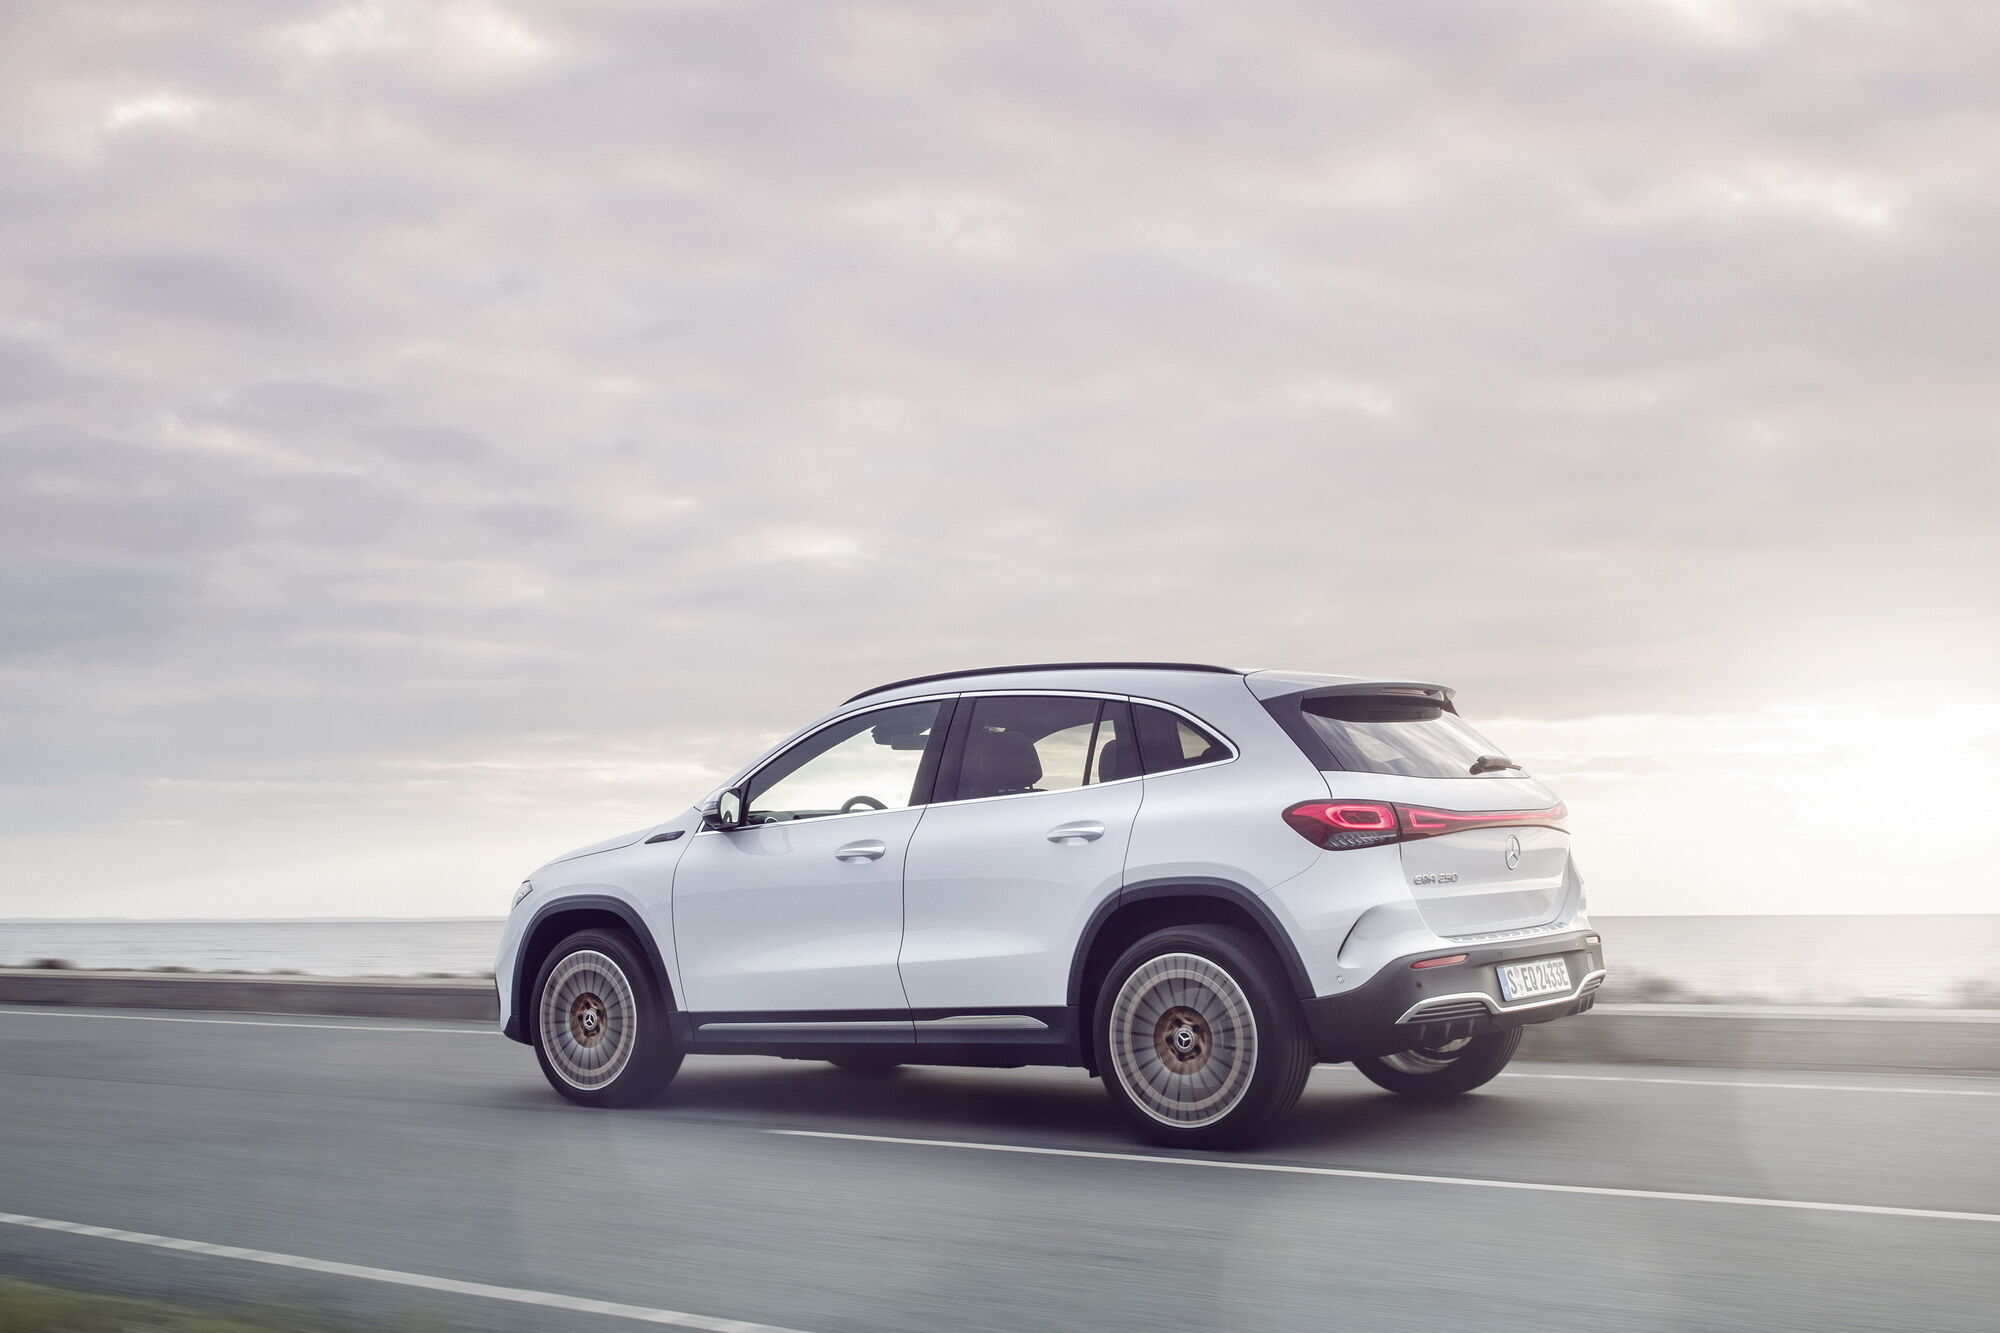 Автомобиль способен преодолевать на полностью заряженной батарее до 426 км